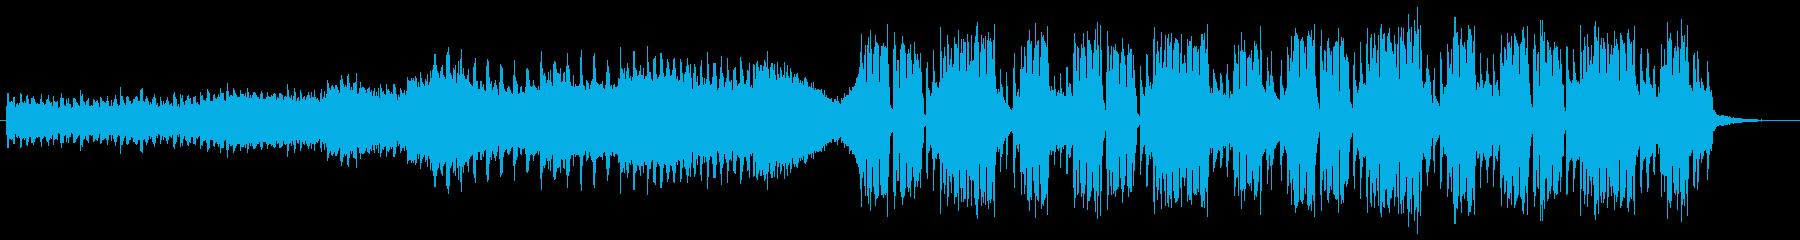 音が前面に出ている変則ビートの再生済みの波形